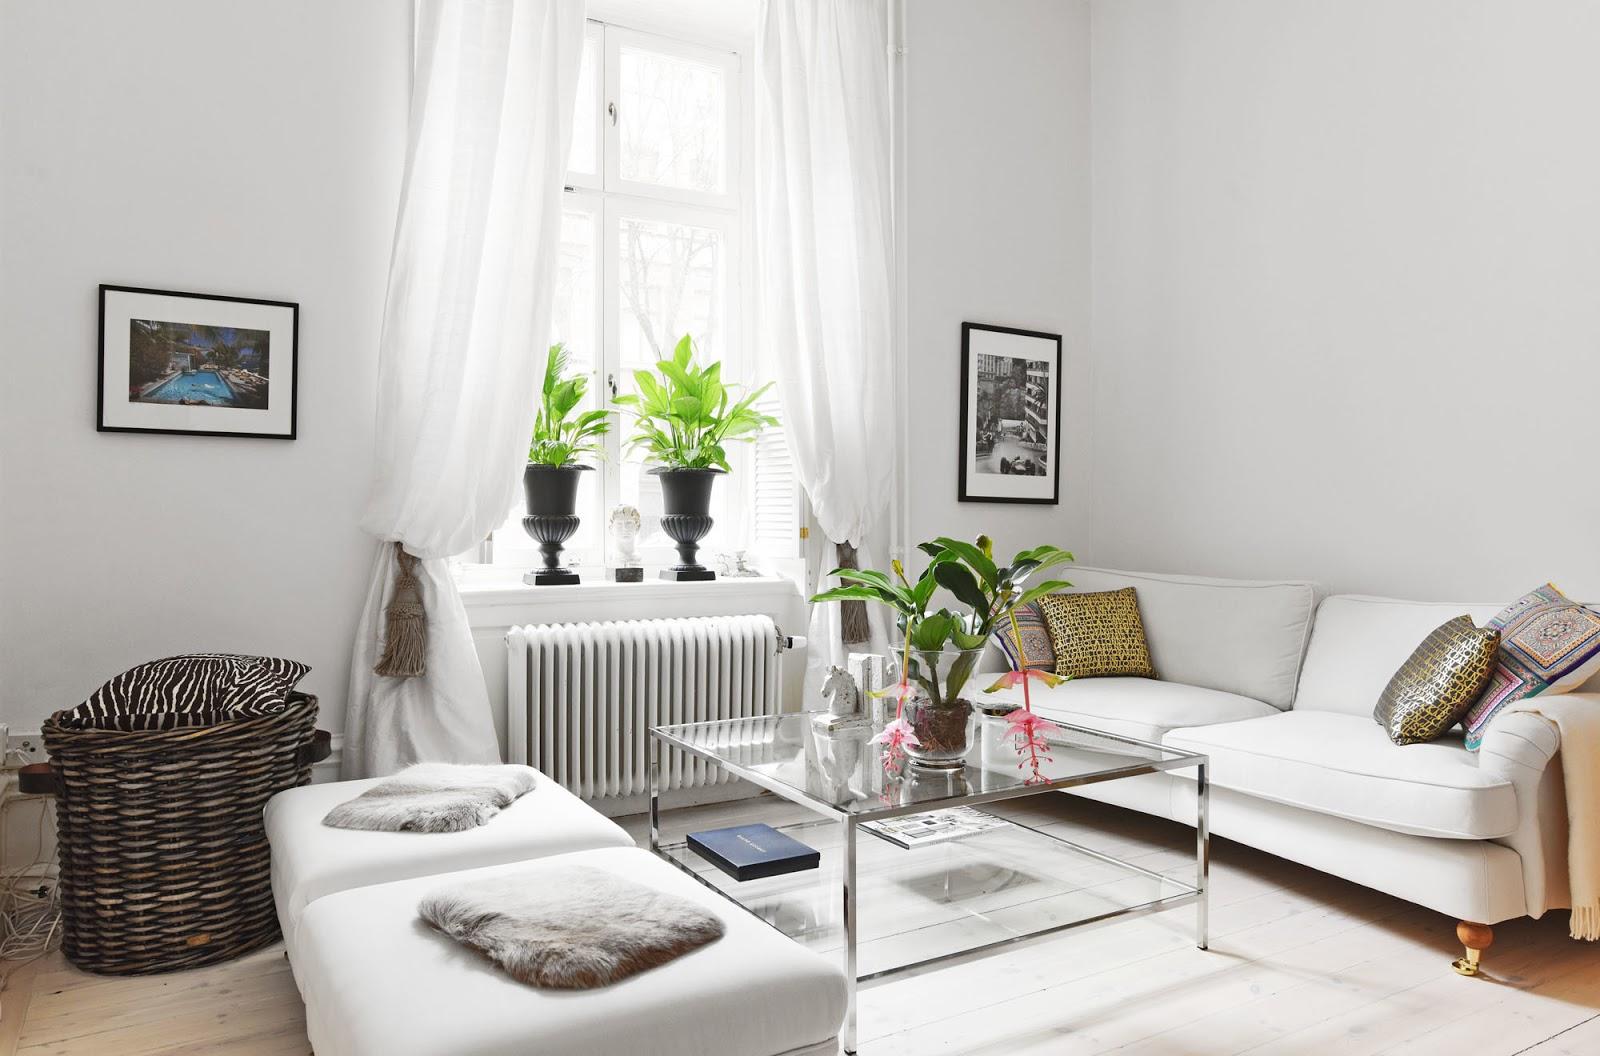 El blog de demarques muebles nordicos el estilo llegado - Muebles estilo nordico ...